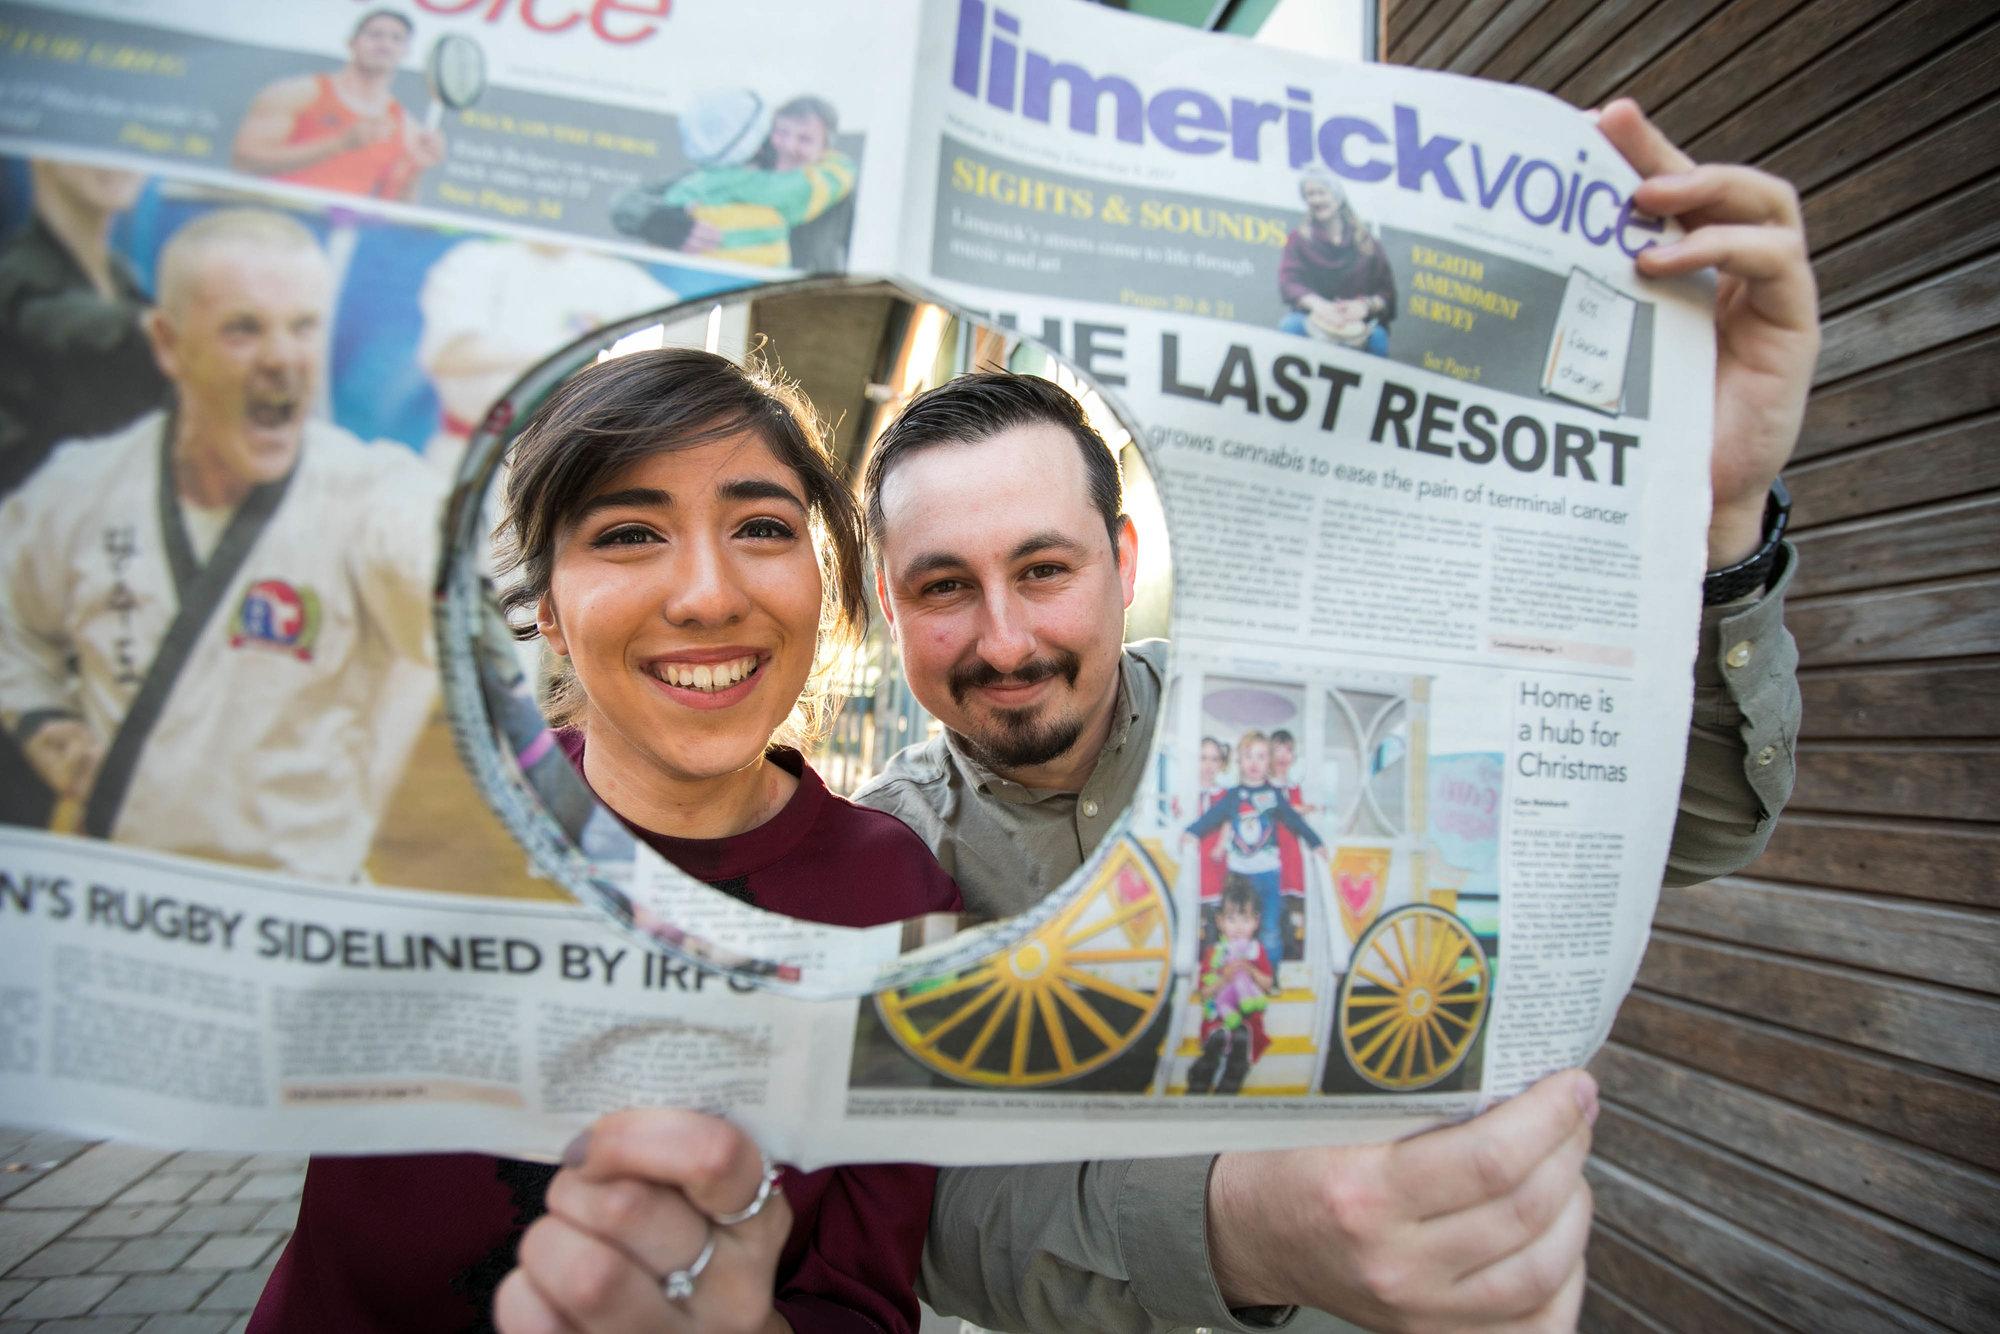 Limerick Voice